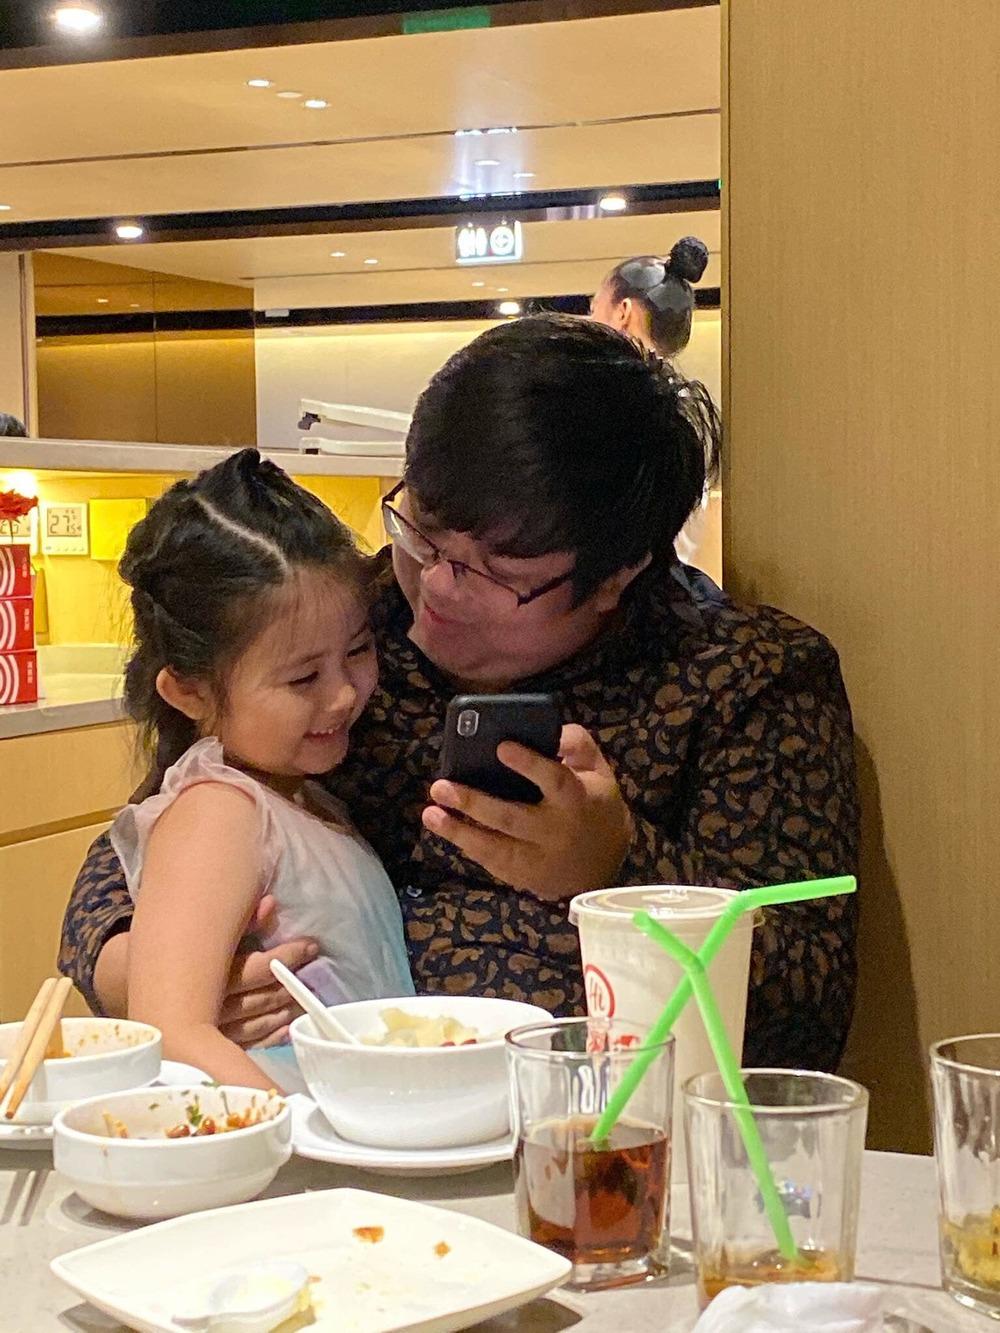 Gia Bảo đón sinh nhật cùng con gái sau thời gian đòi quyền nuôi con - Tin sao Viet - Tin tuc sao Viet - Scandal sao Viet - Tin tuc cua Sao - Tin cua Sao